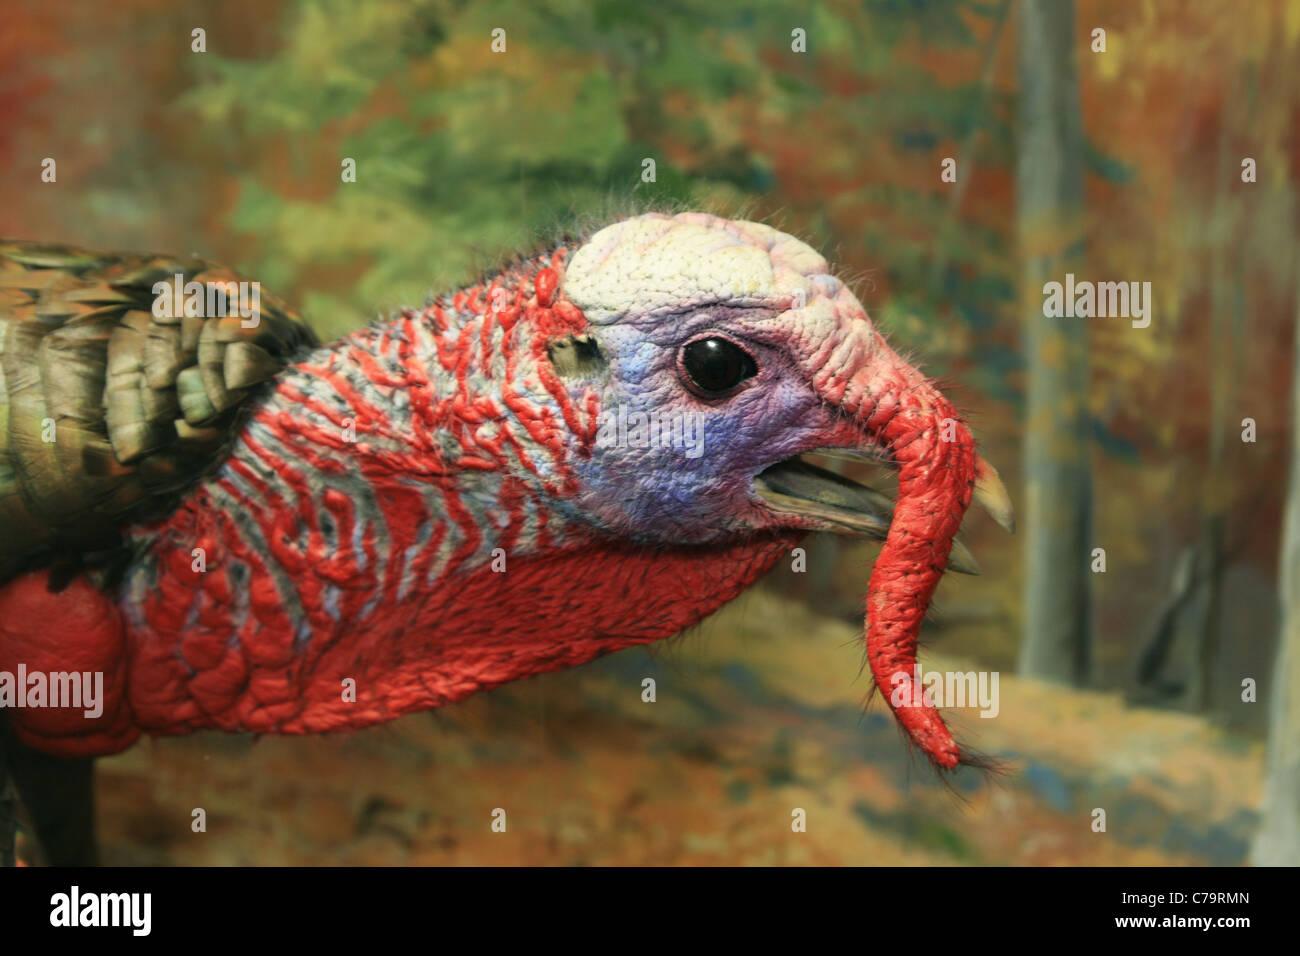 Tolle Türkei Färbung Bilder Zum Ausdrucken Bilder - Framing ...